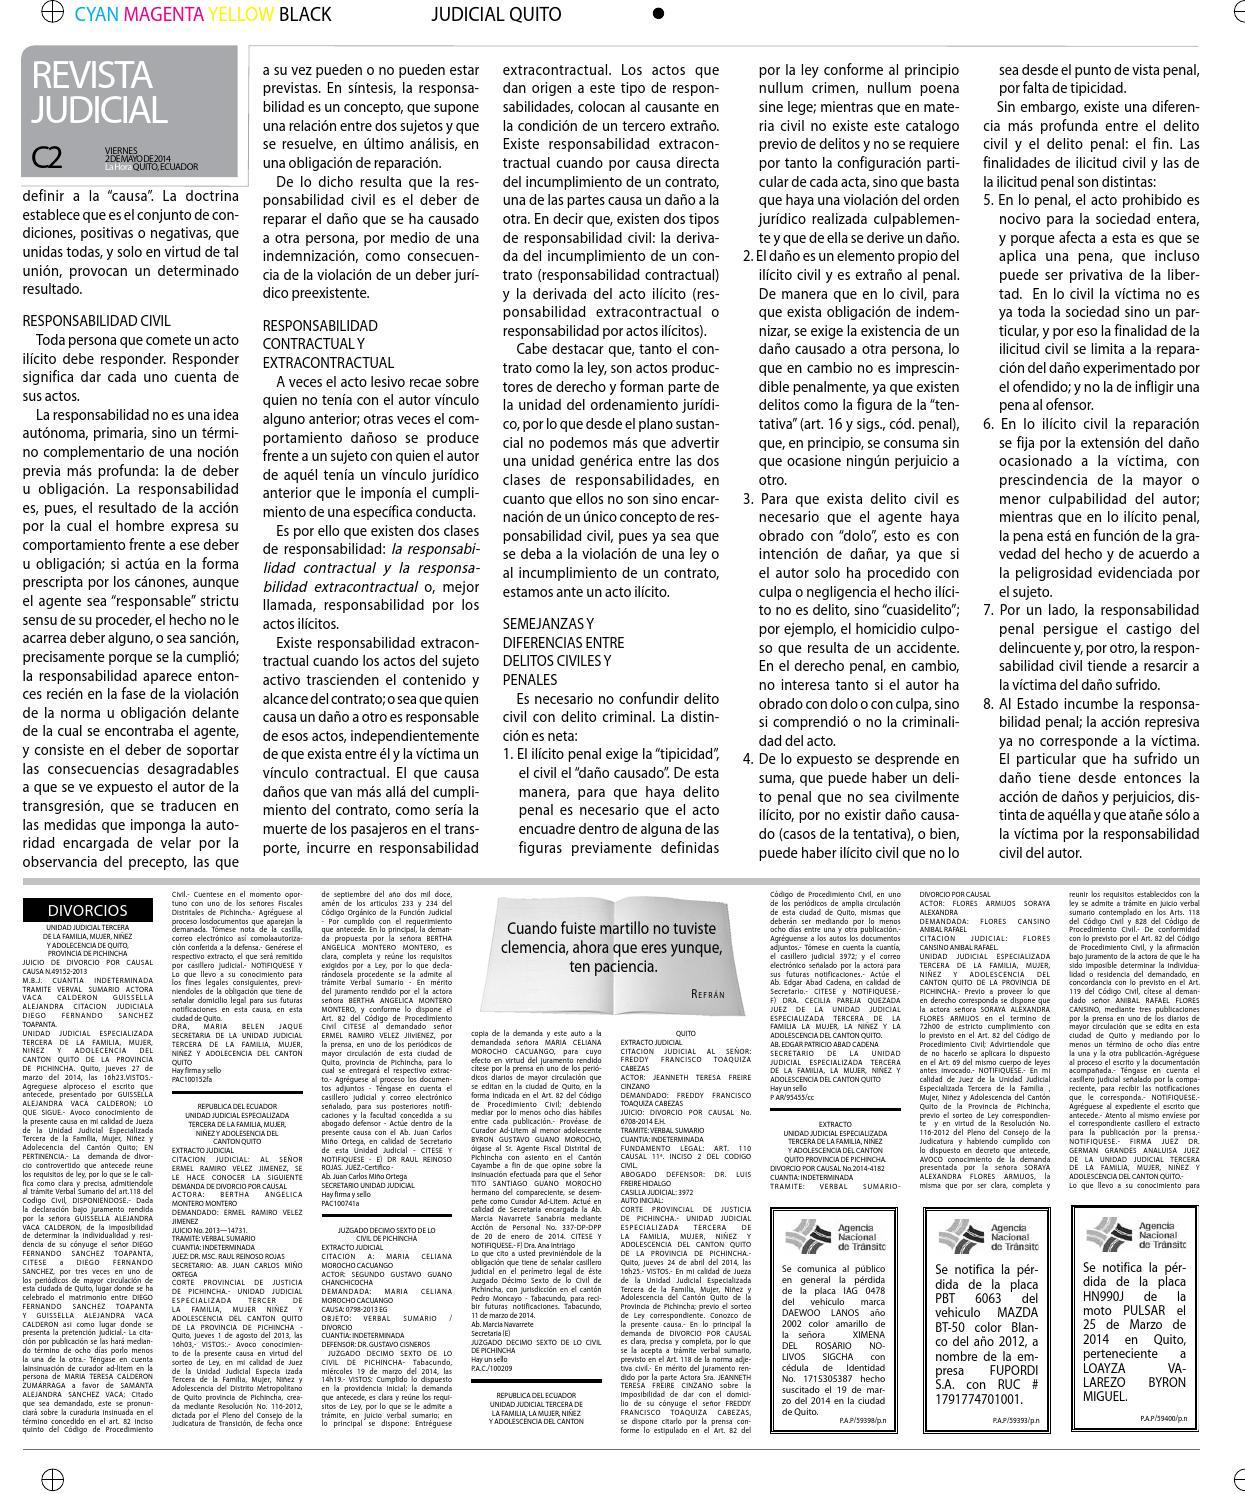 Revista judicial 2 de mayo 2014 by Diario La Hora Ecuador - issuu